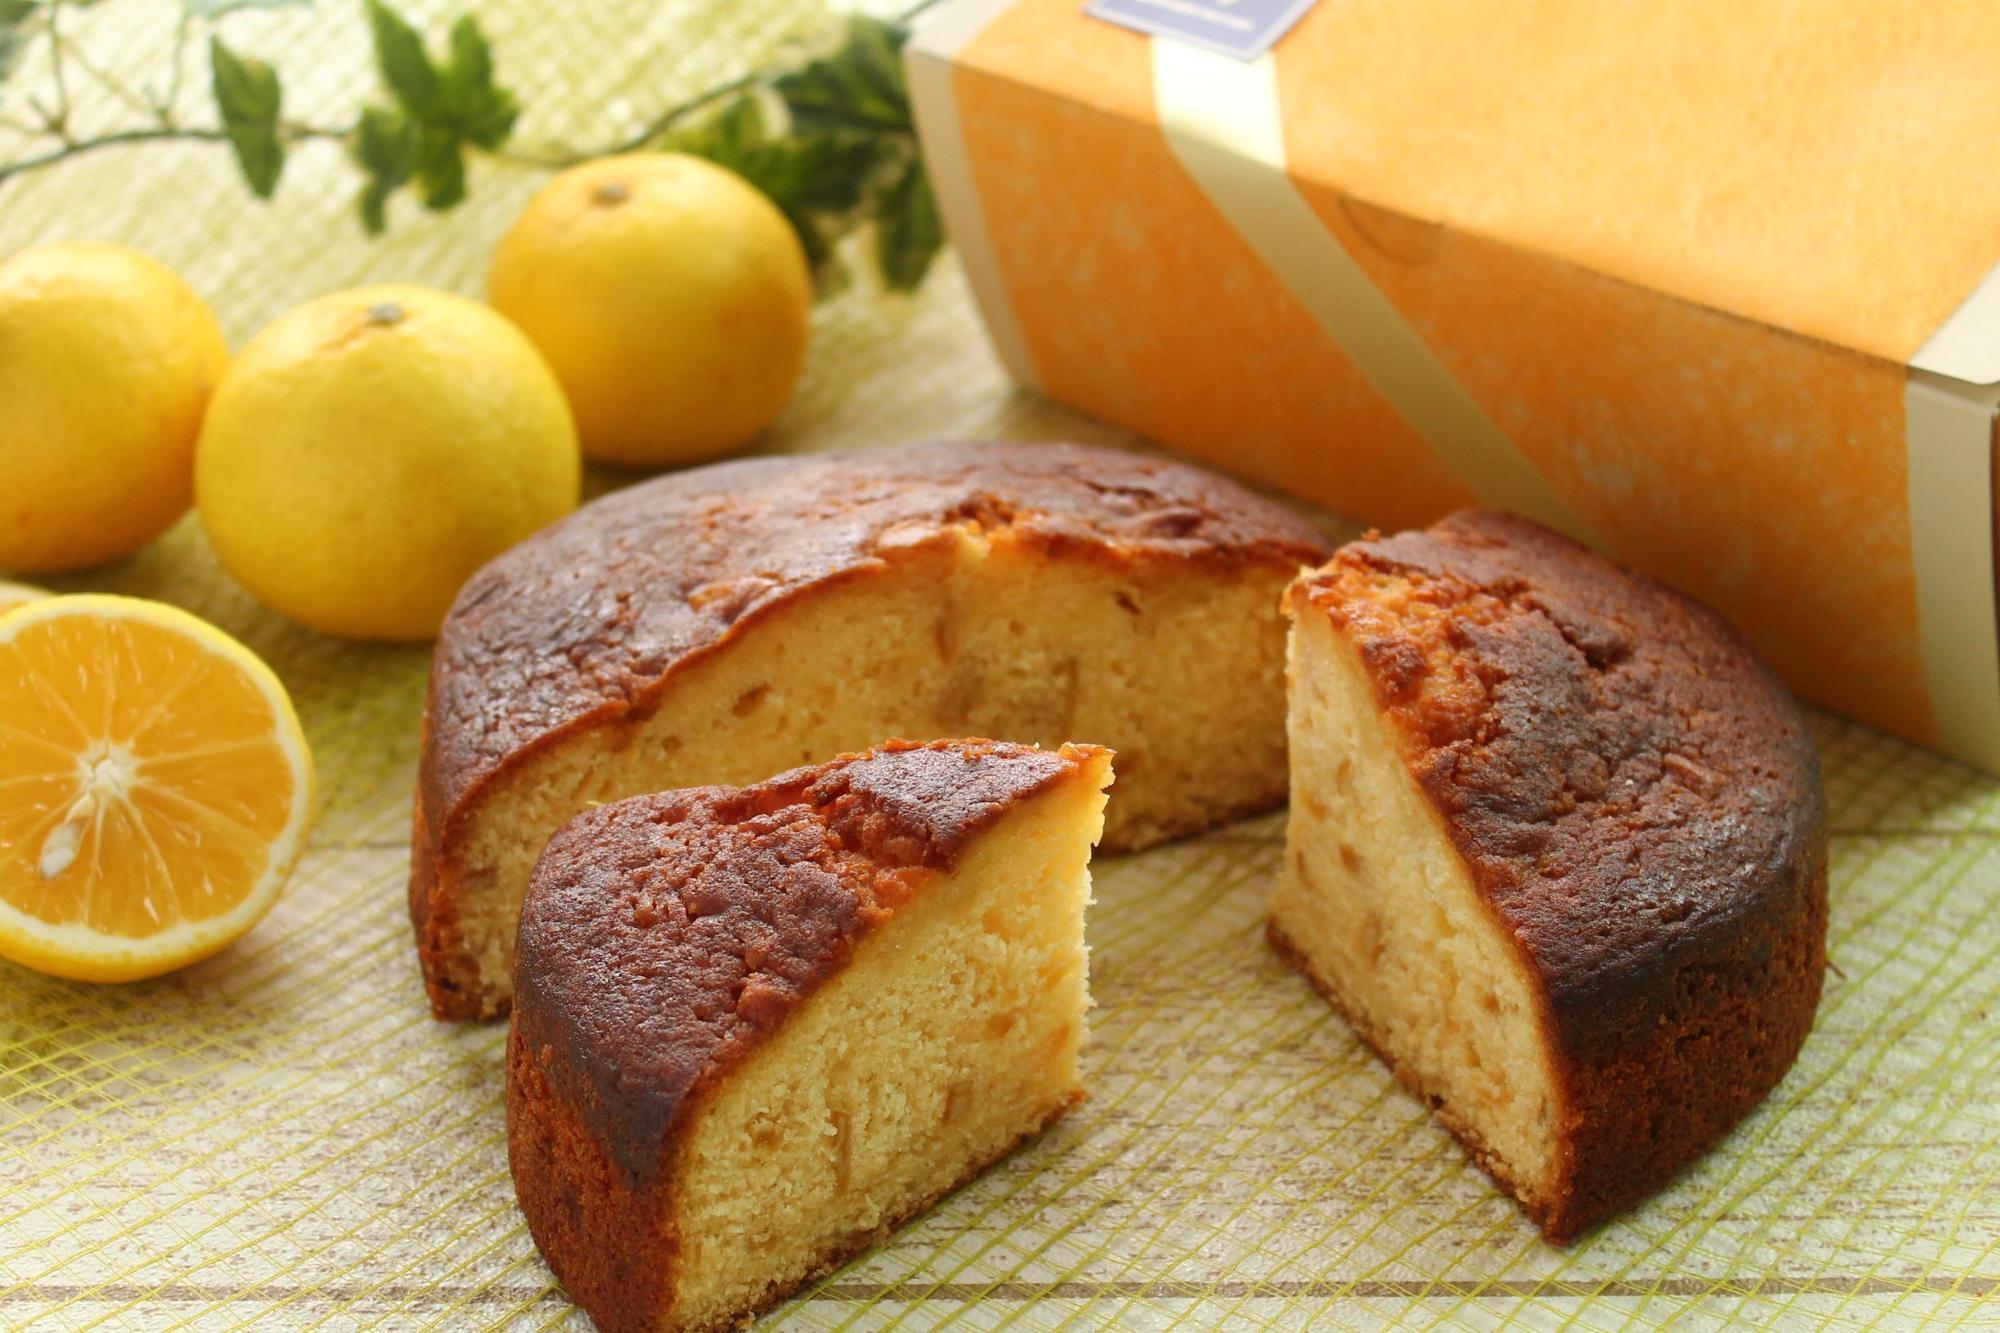 「湘南ゴールドのバターケーキ」(直径約 15cm×高さ 5cm 3,000 円)